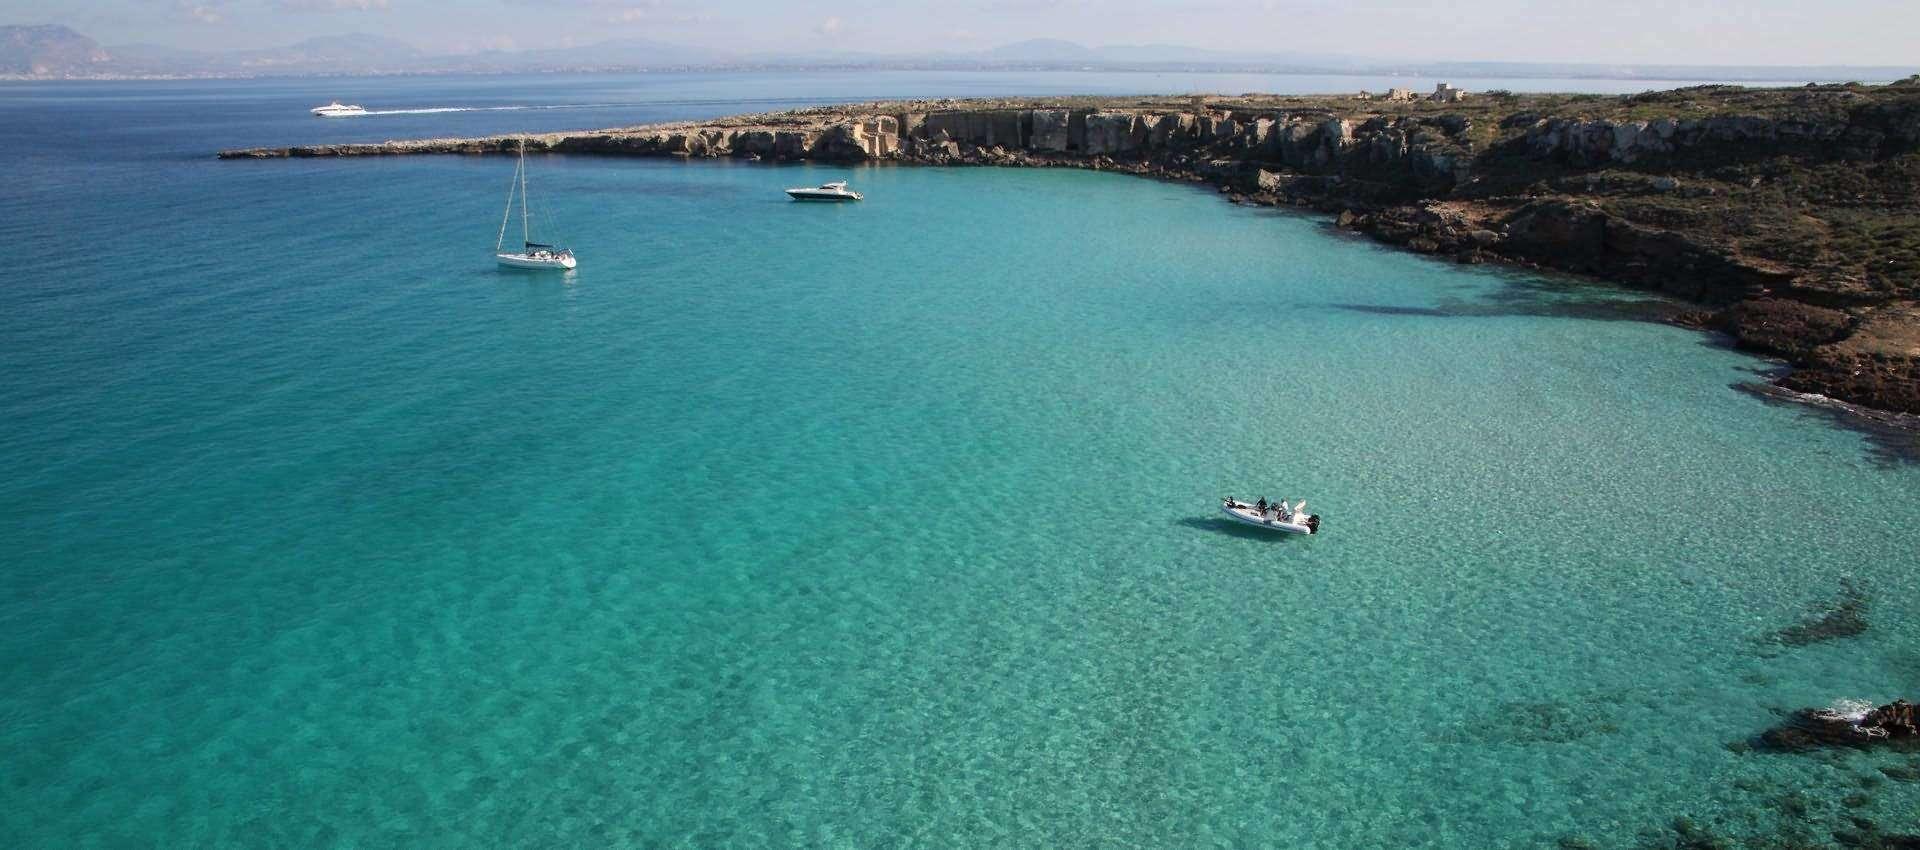 Isole Egadi vacanza tra sole mare e cultura